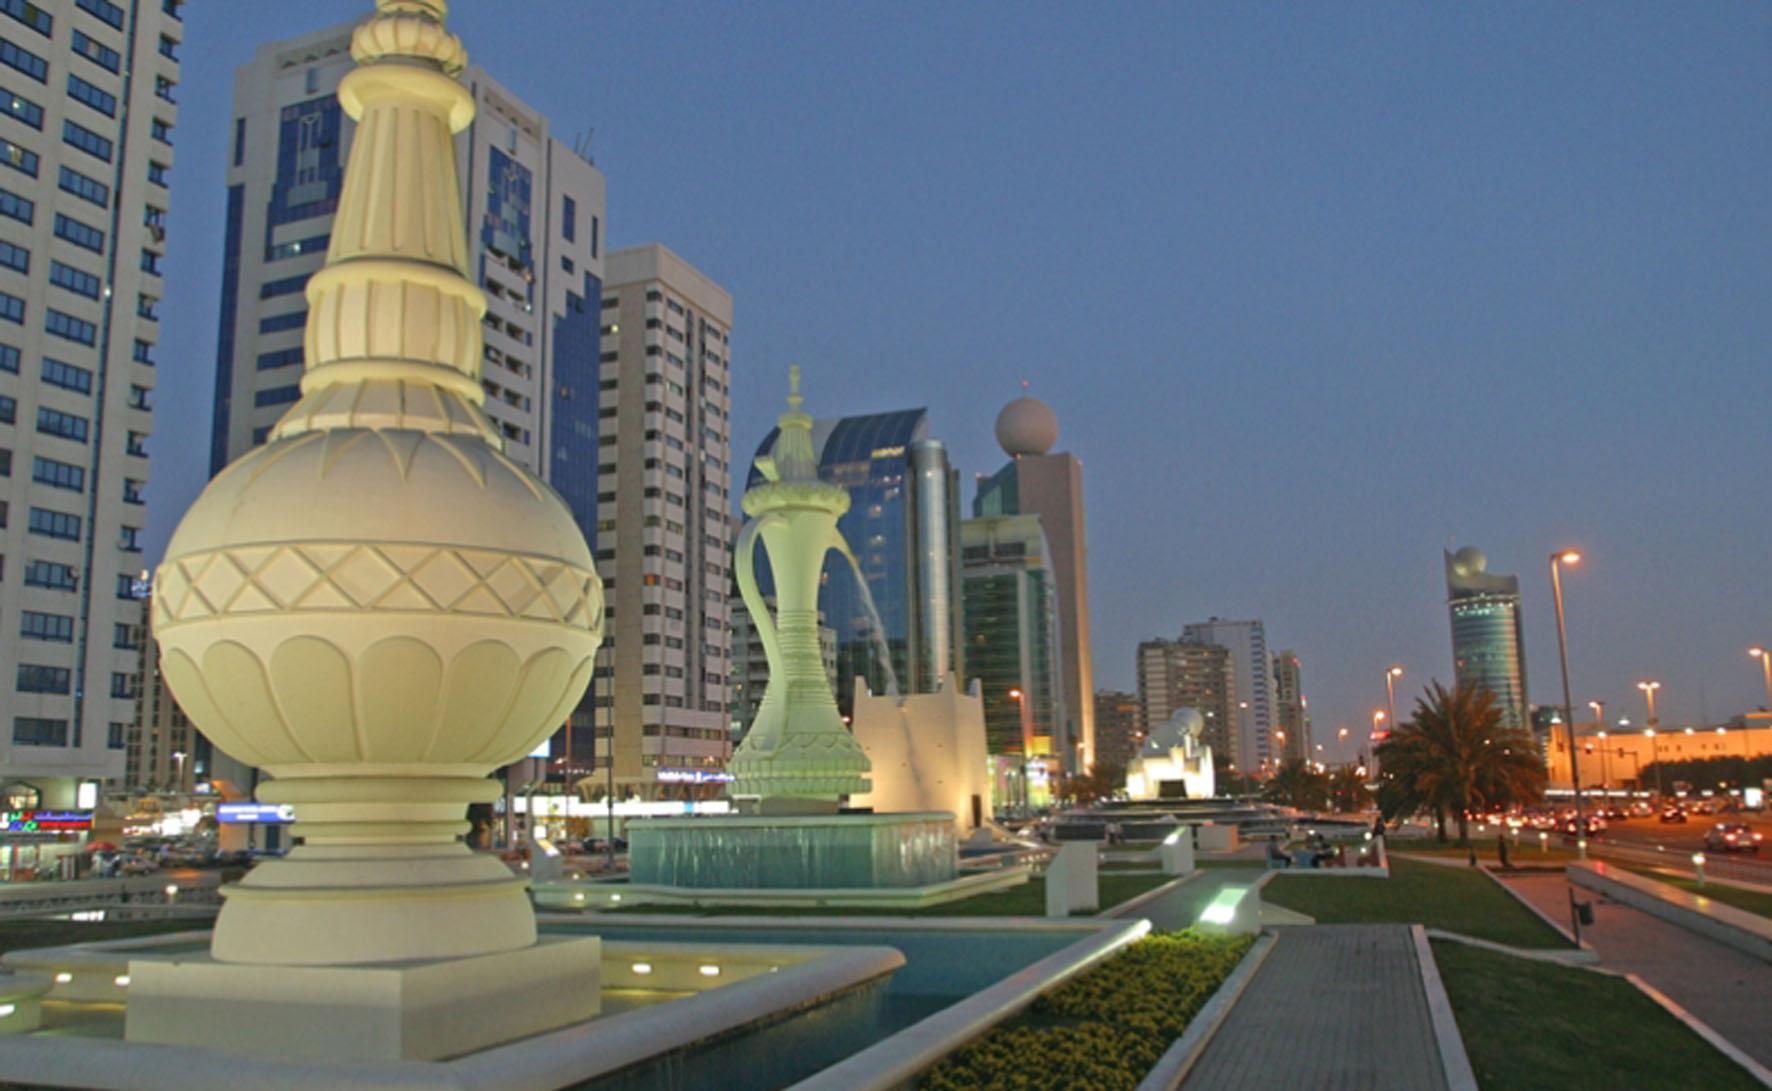 إحصاء أبوظبي: 1.2% معدل التضخم خلال الربع الثاني من العام الحالي